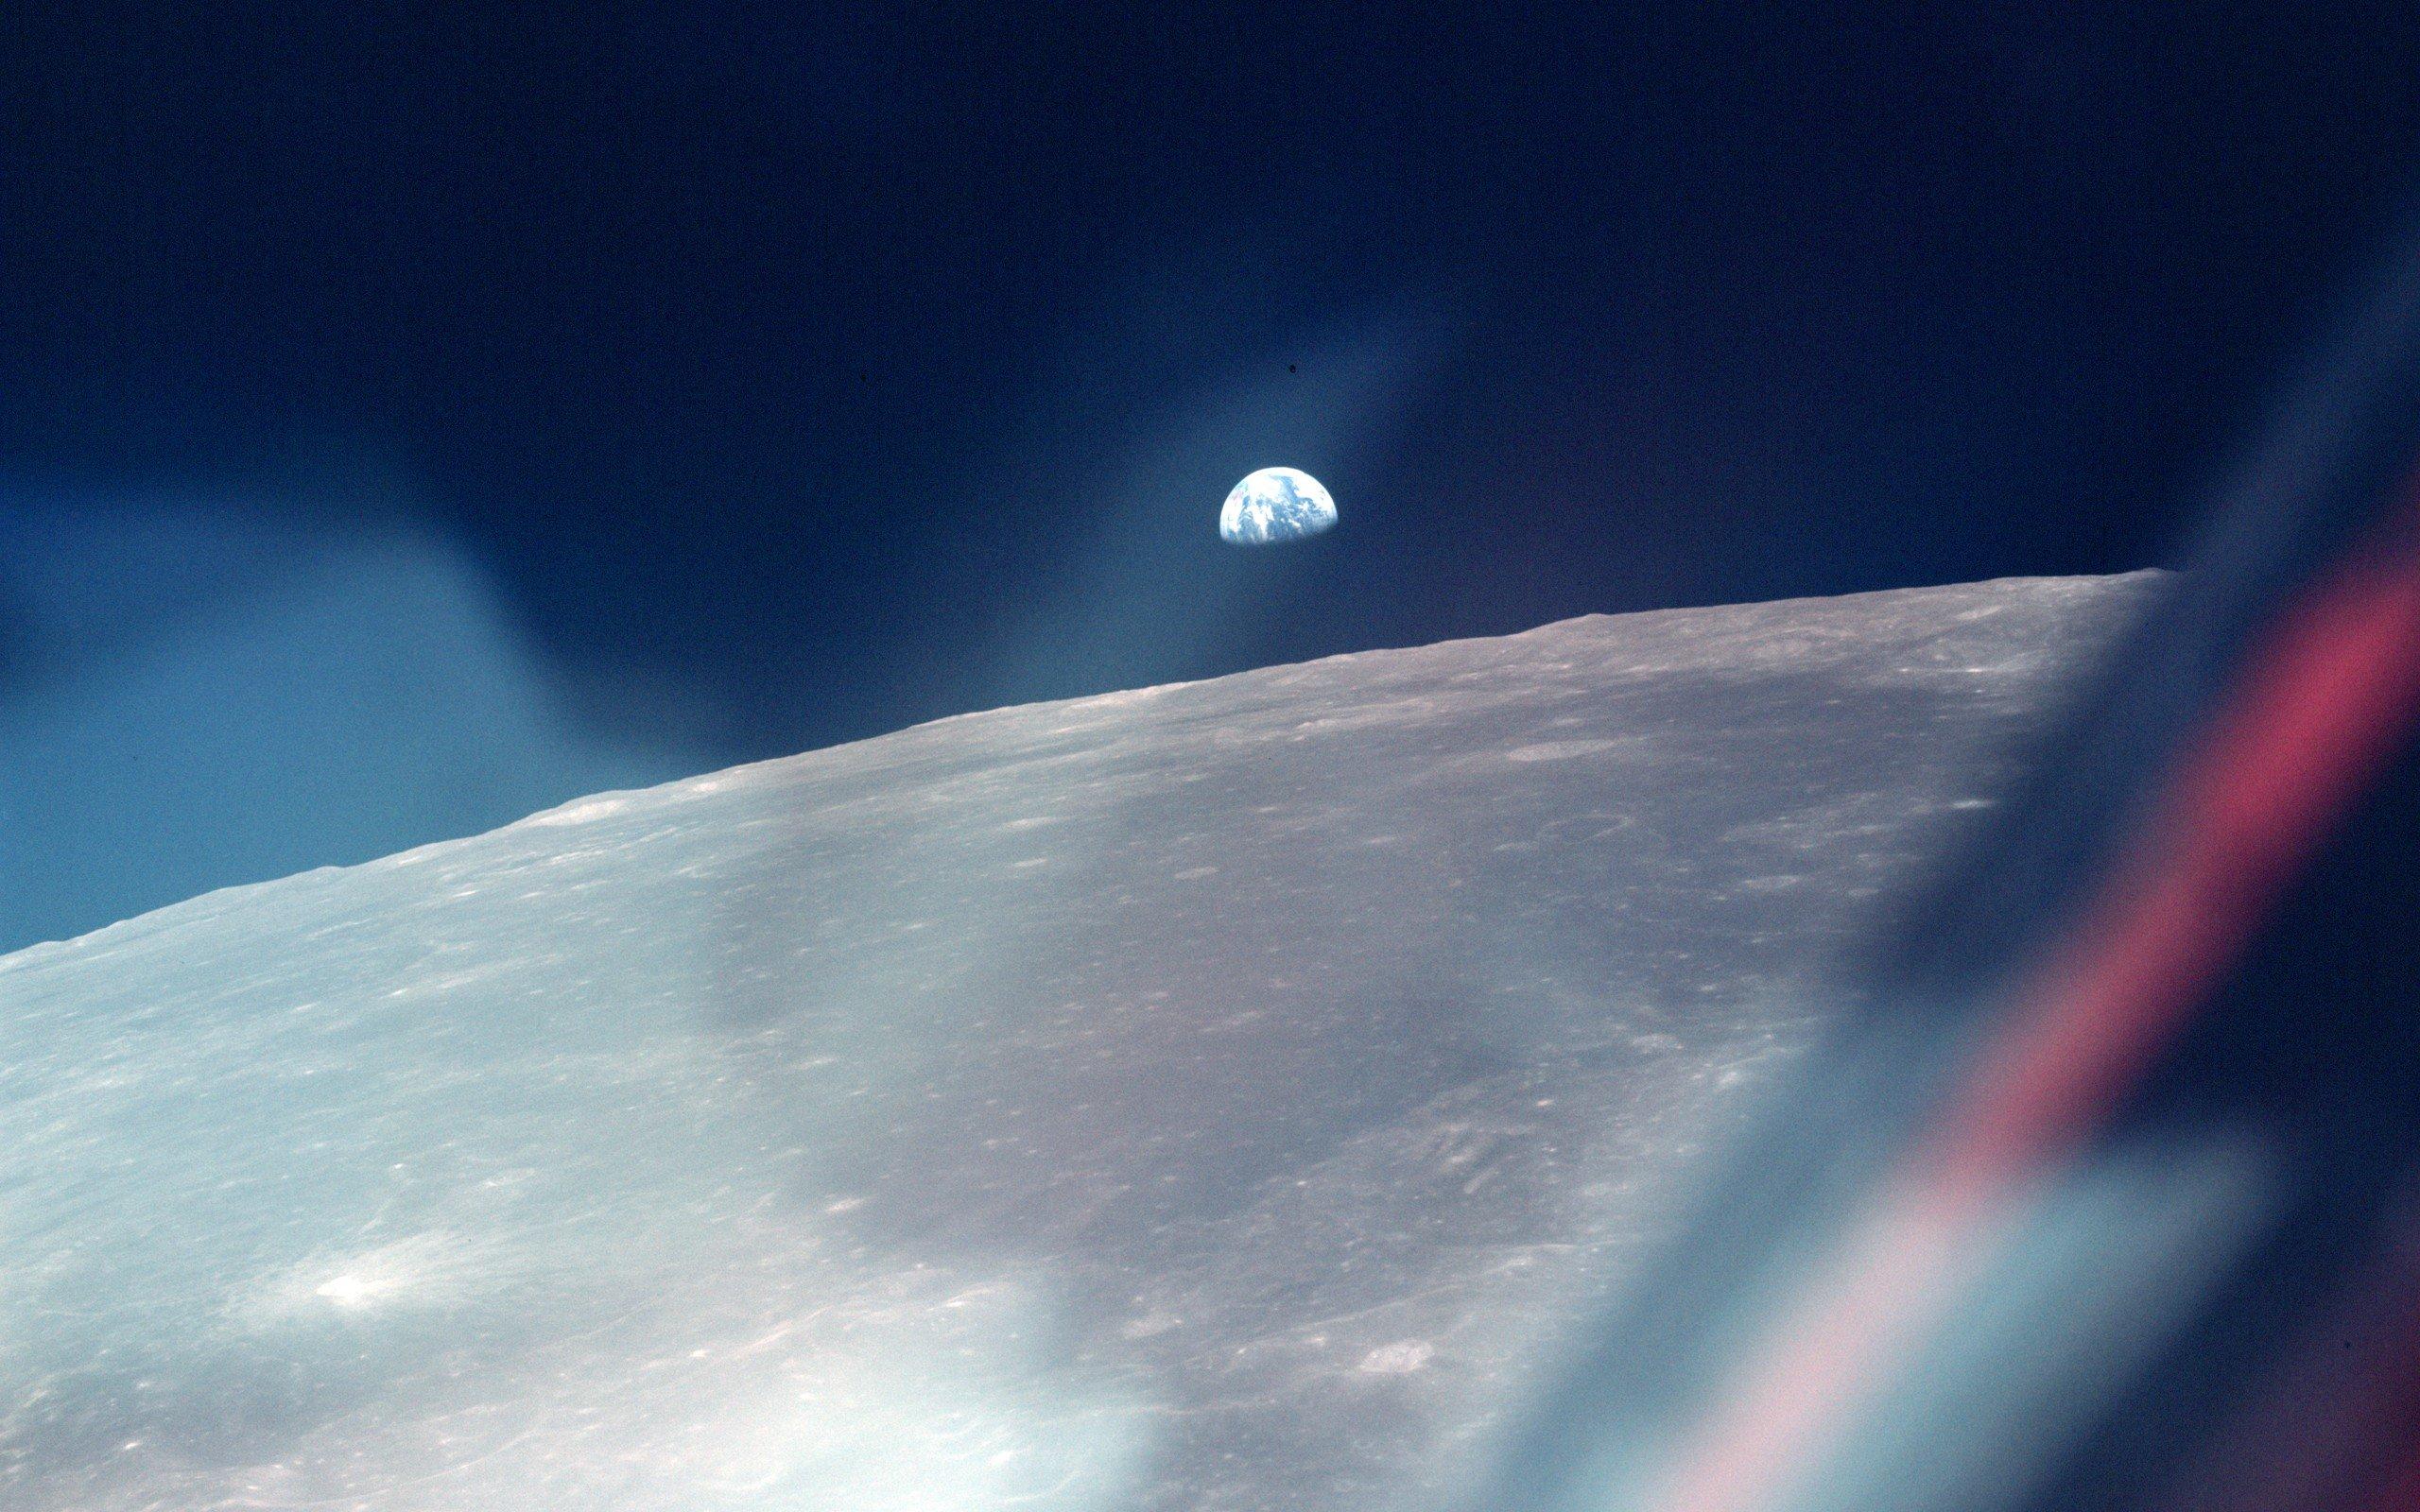 apollo outer space - photo #43